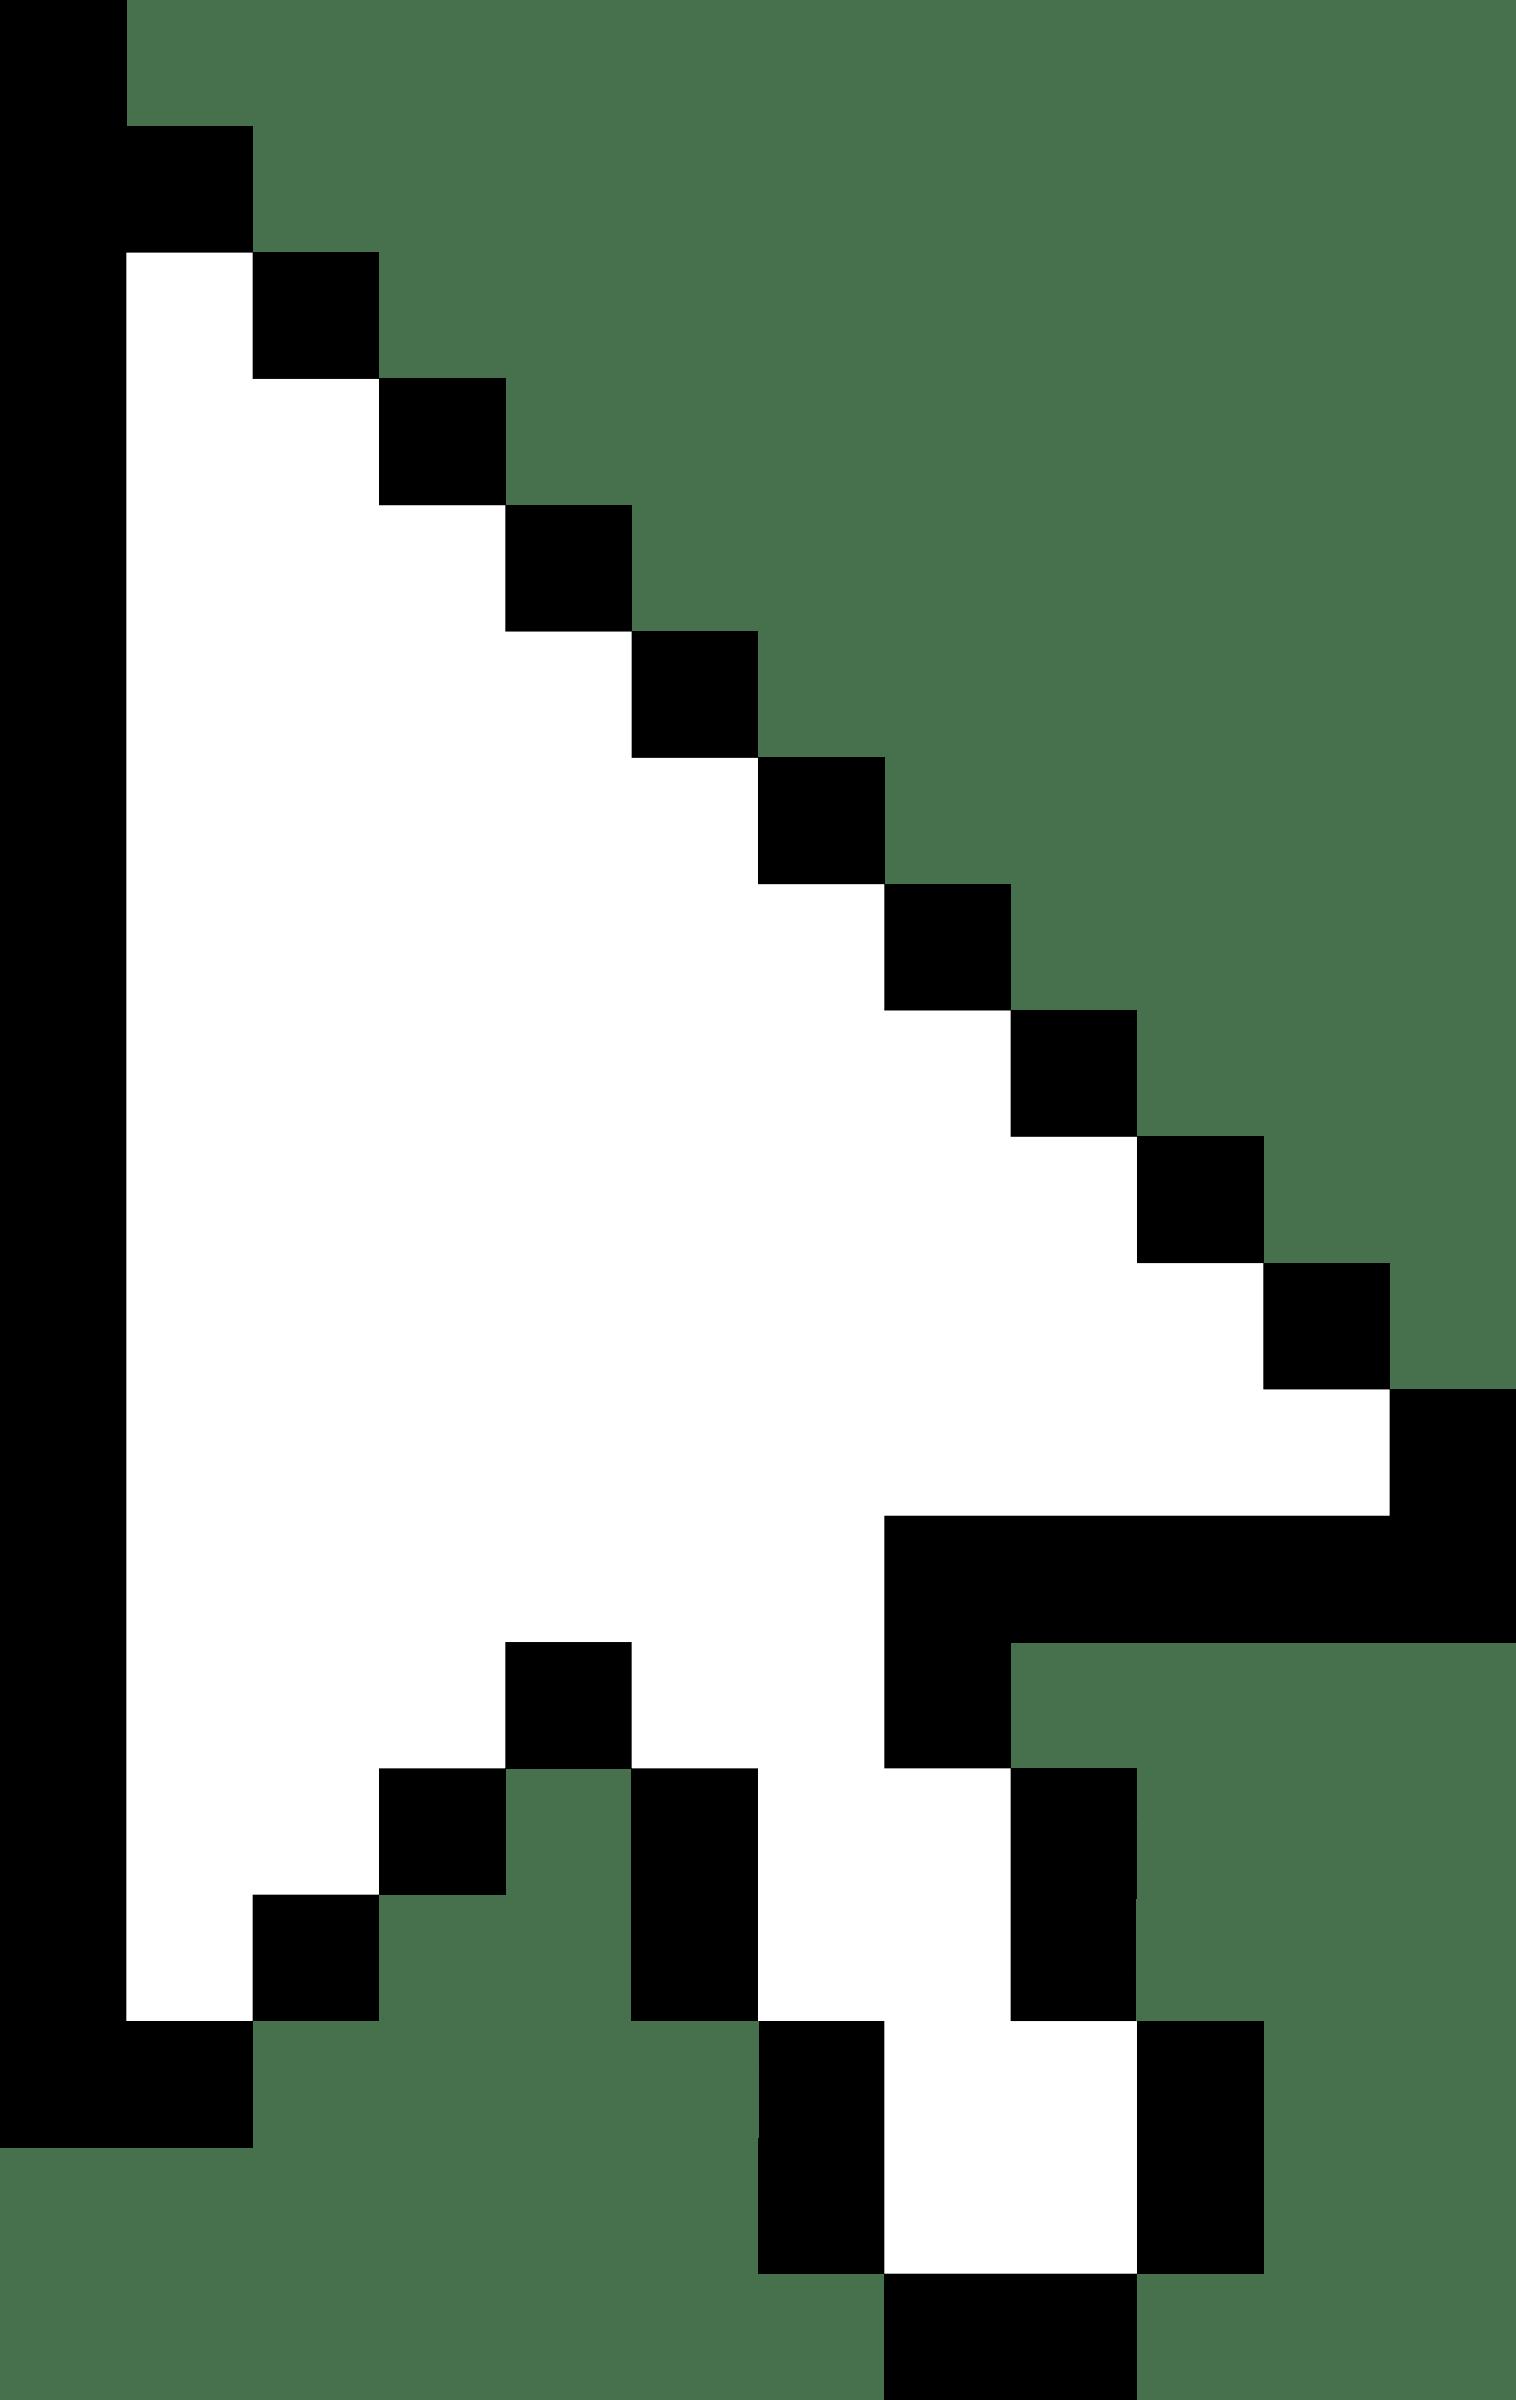 Pixel Cursor Arrow transparent PNG.